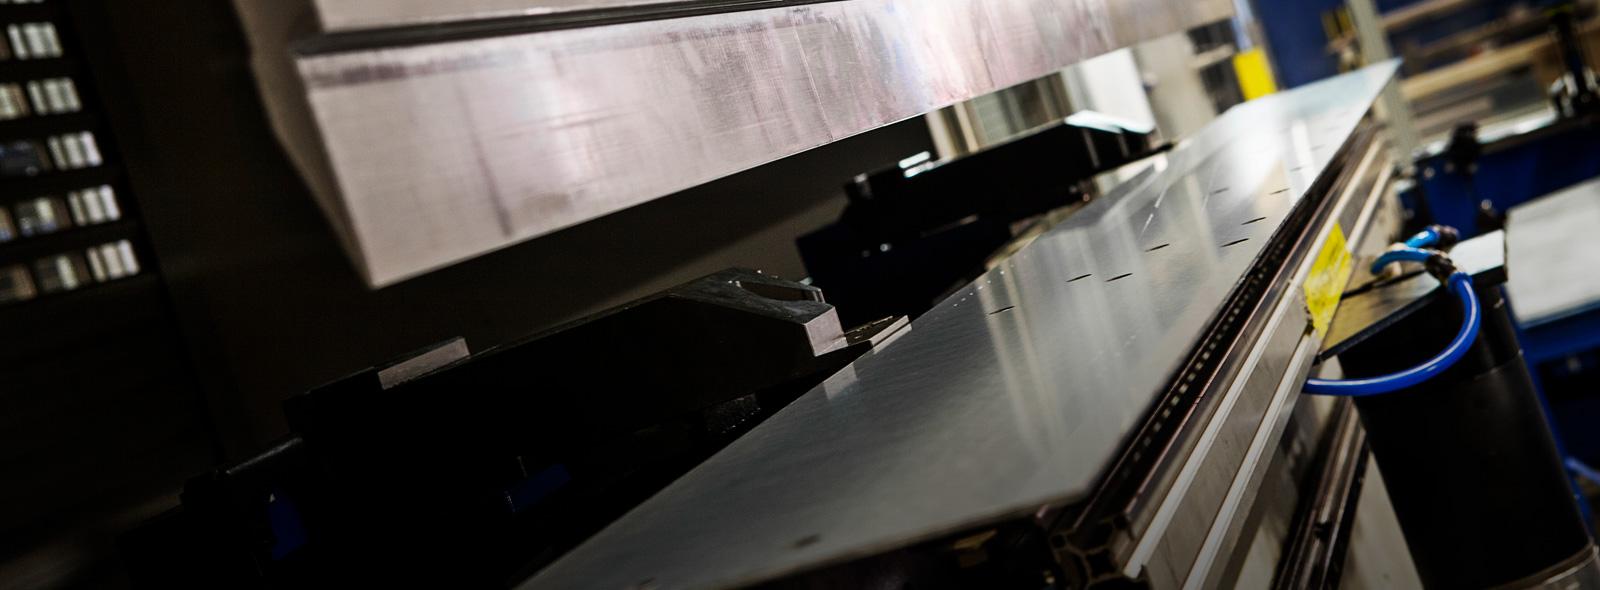 Rotage kan erbjuda tjänster inom bockning/kantpresning. Vi har robotiserade kantpressar och manuella kantpressar där vi kan göra allehanda jobb med att bocka plåt.